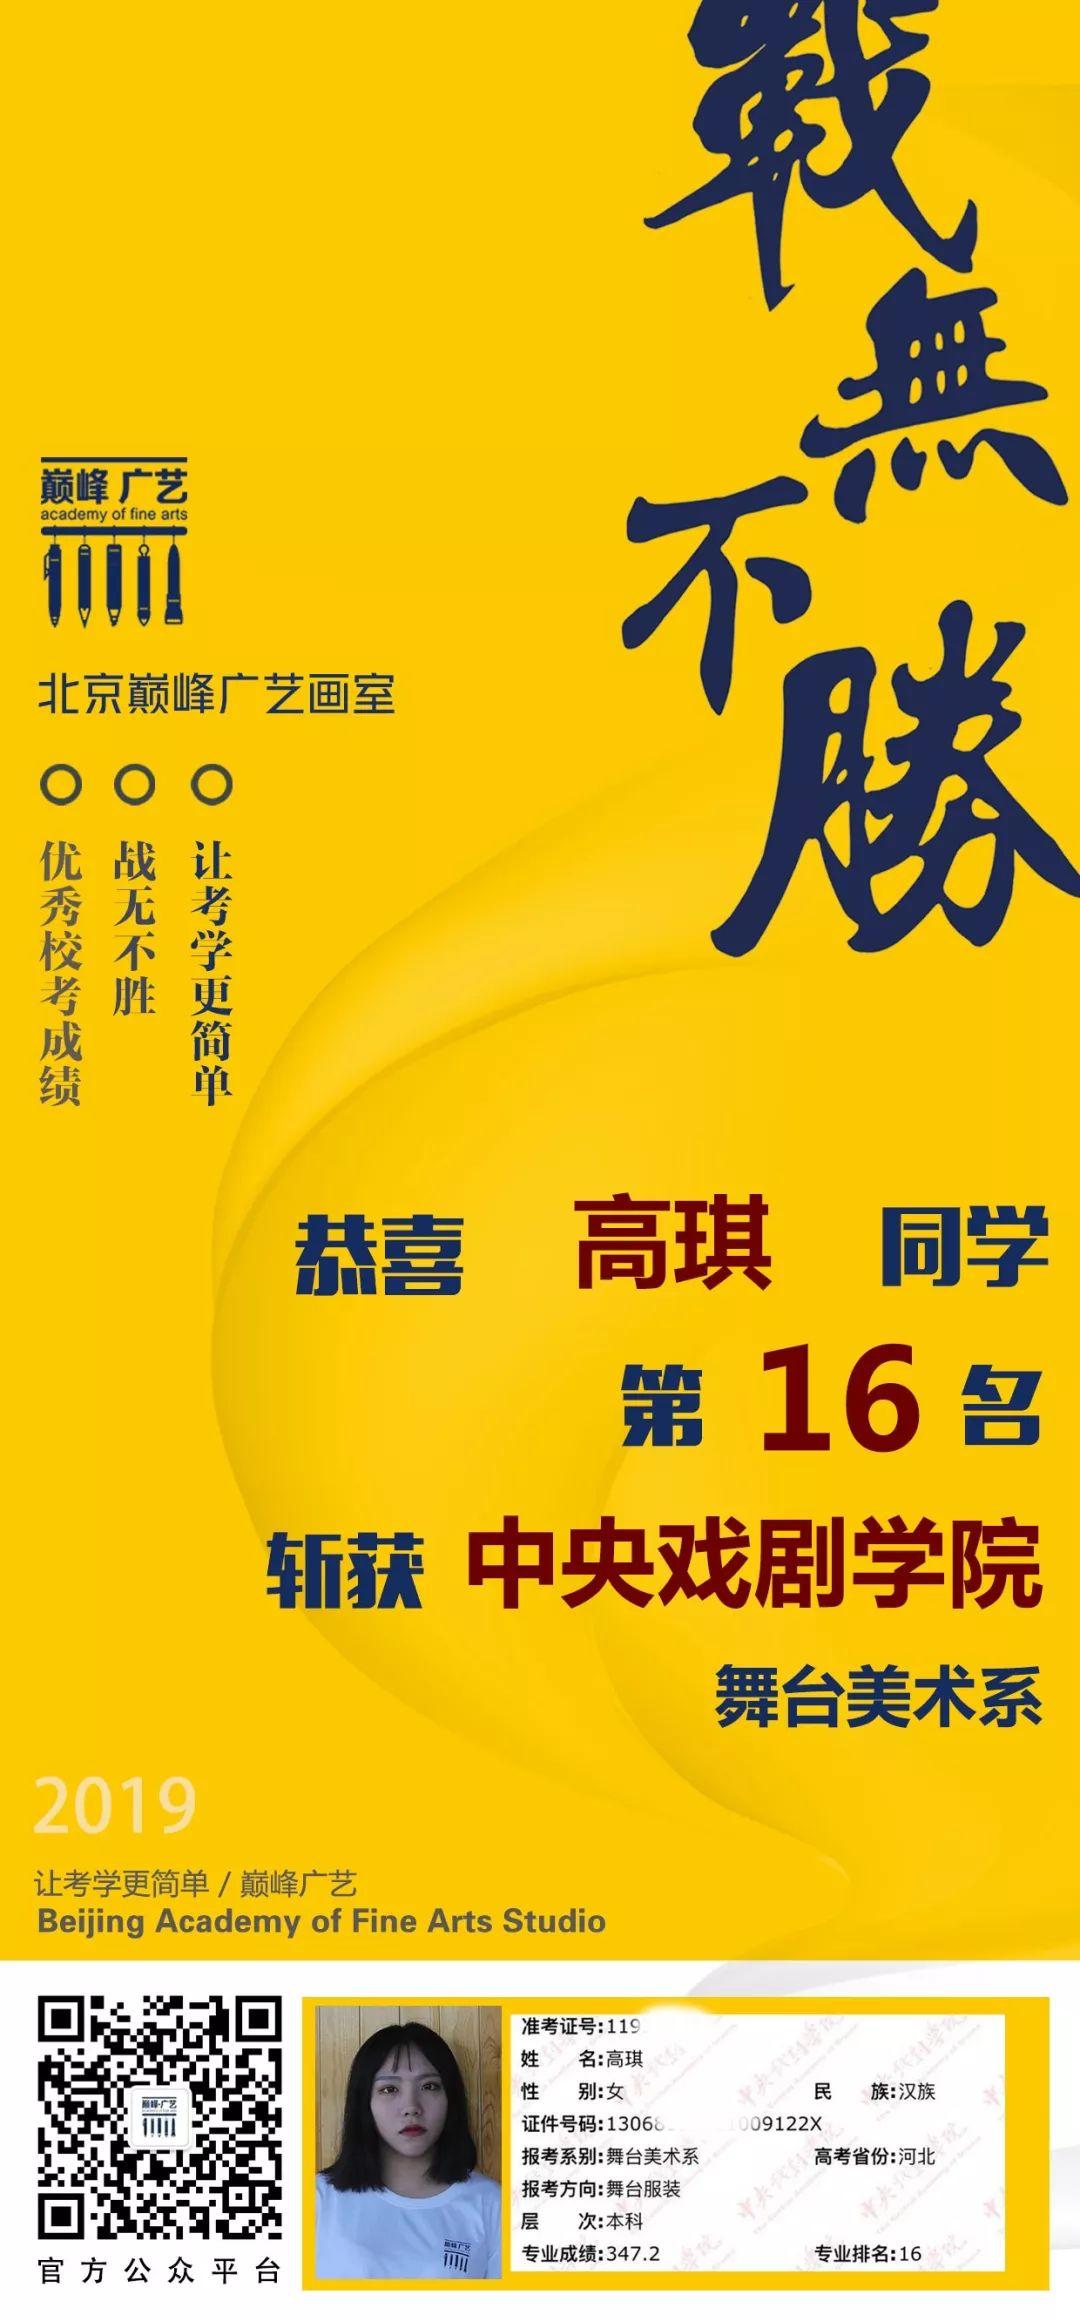 中国传媒大学,北京电影学院,中央戏剧学院,北京巅峰广艺画室       56